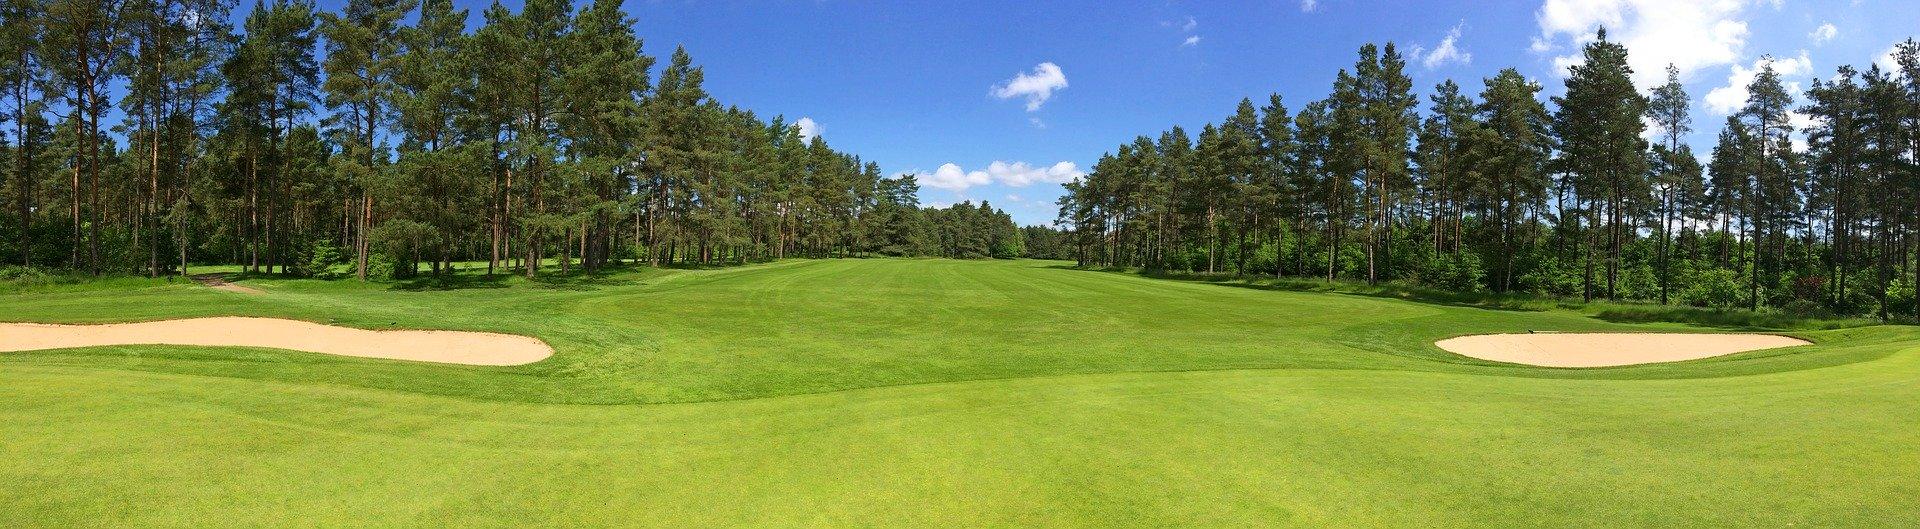 golftech-beitrag-deutsche-golfplätze-öffnen-wieder